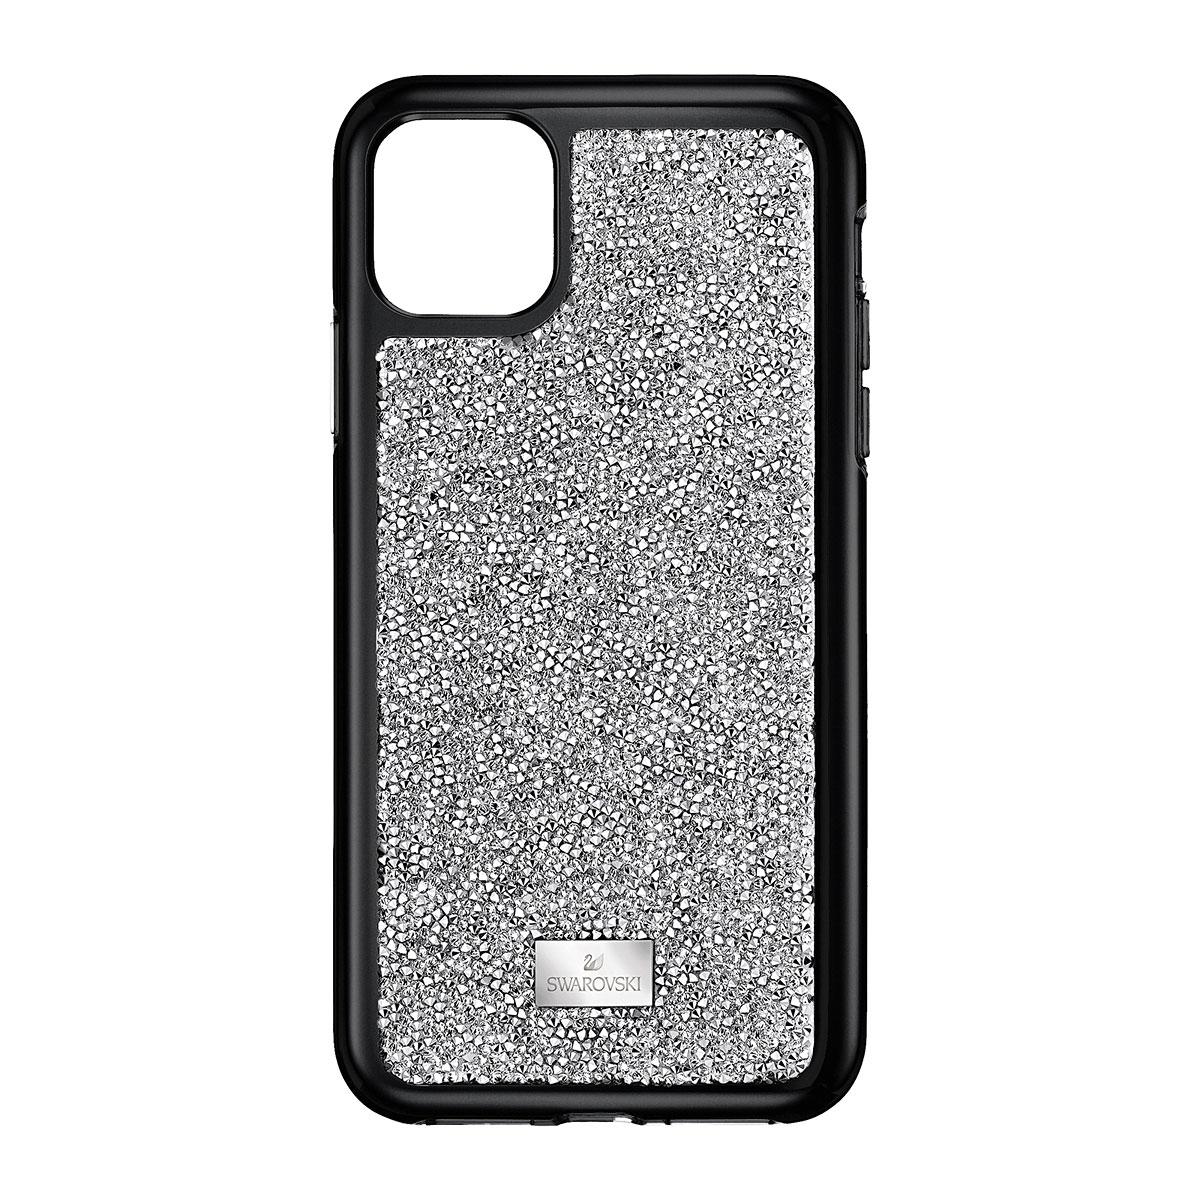 Swarovski Glam Rock Smartphone Case with Bumper, iPhone 11 Pro Max, Silver Tone